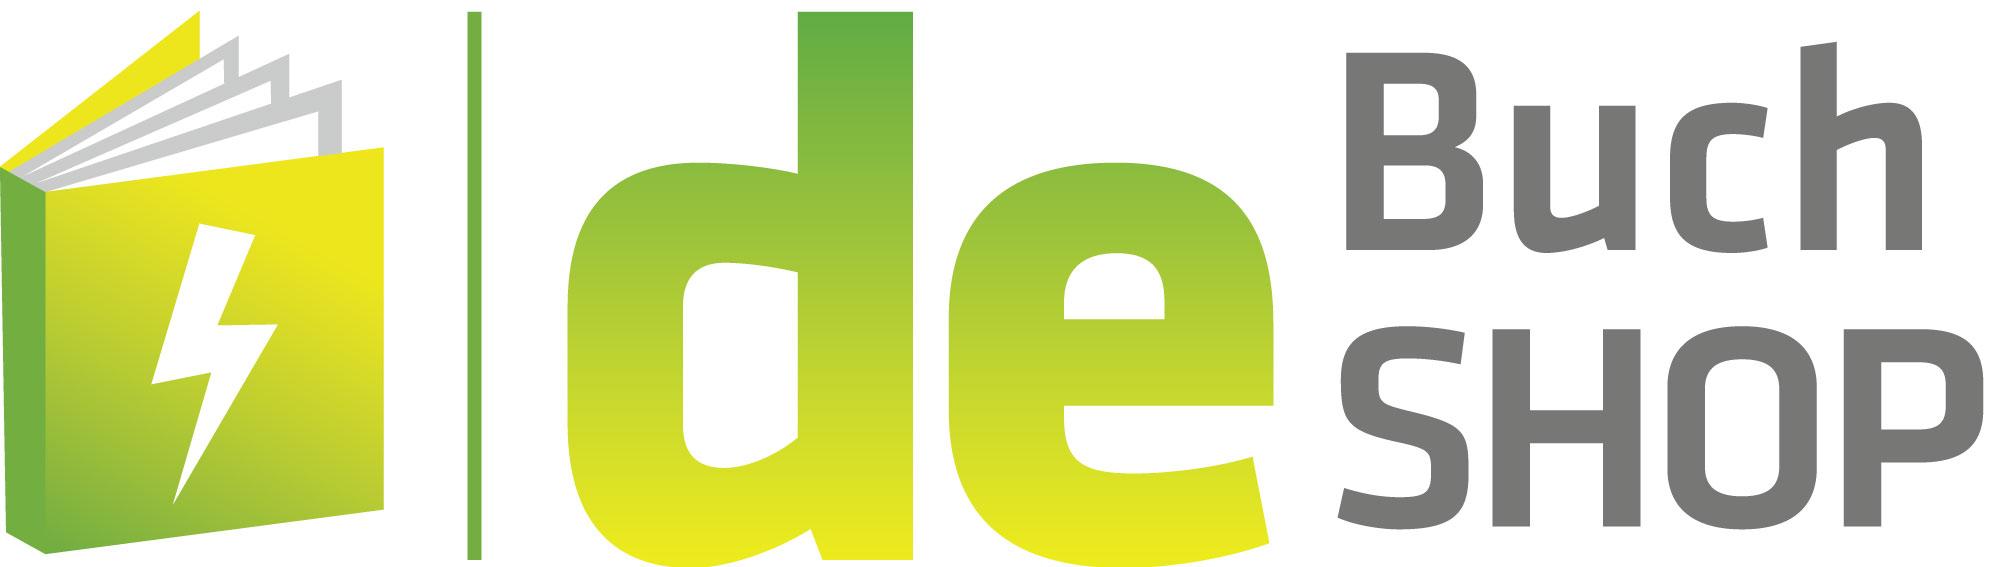 de-Buchshop Logo